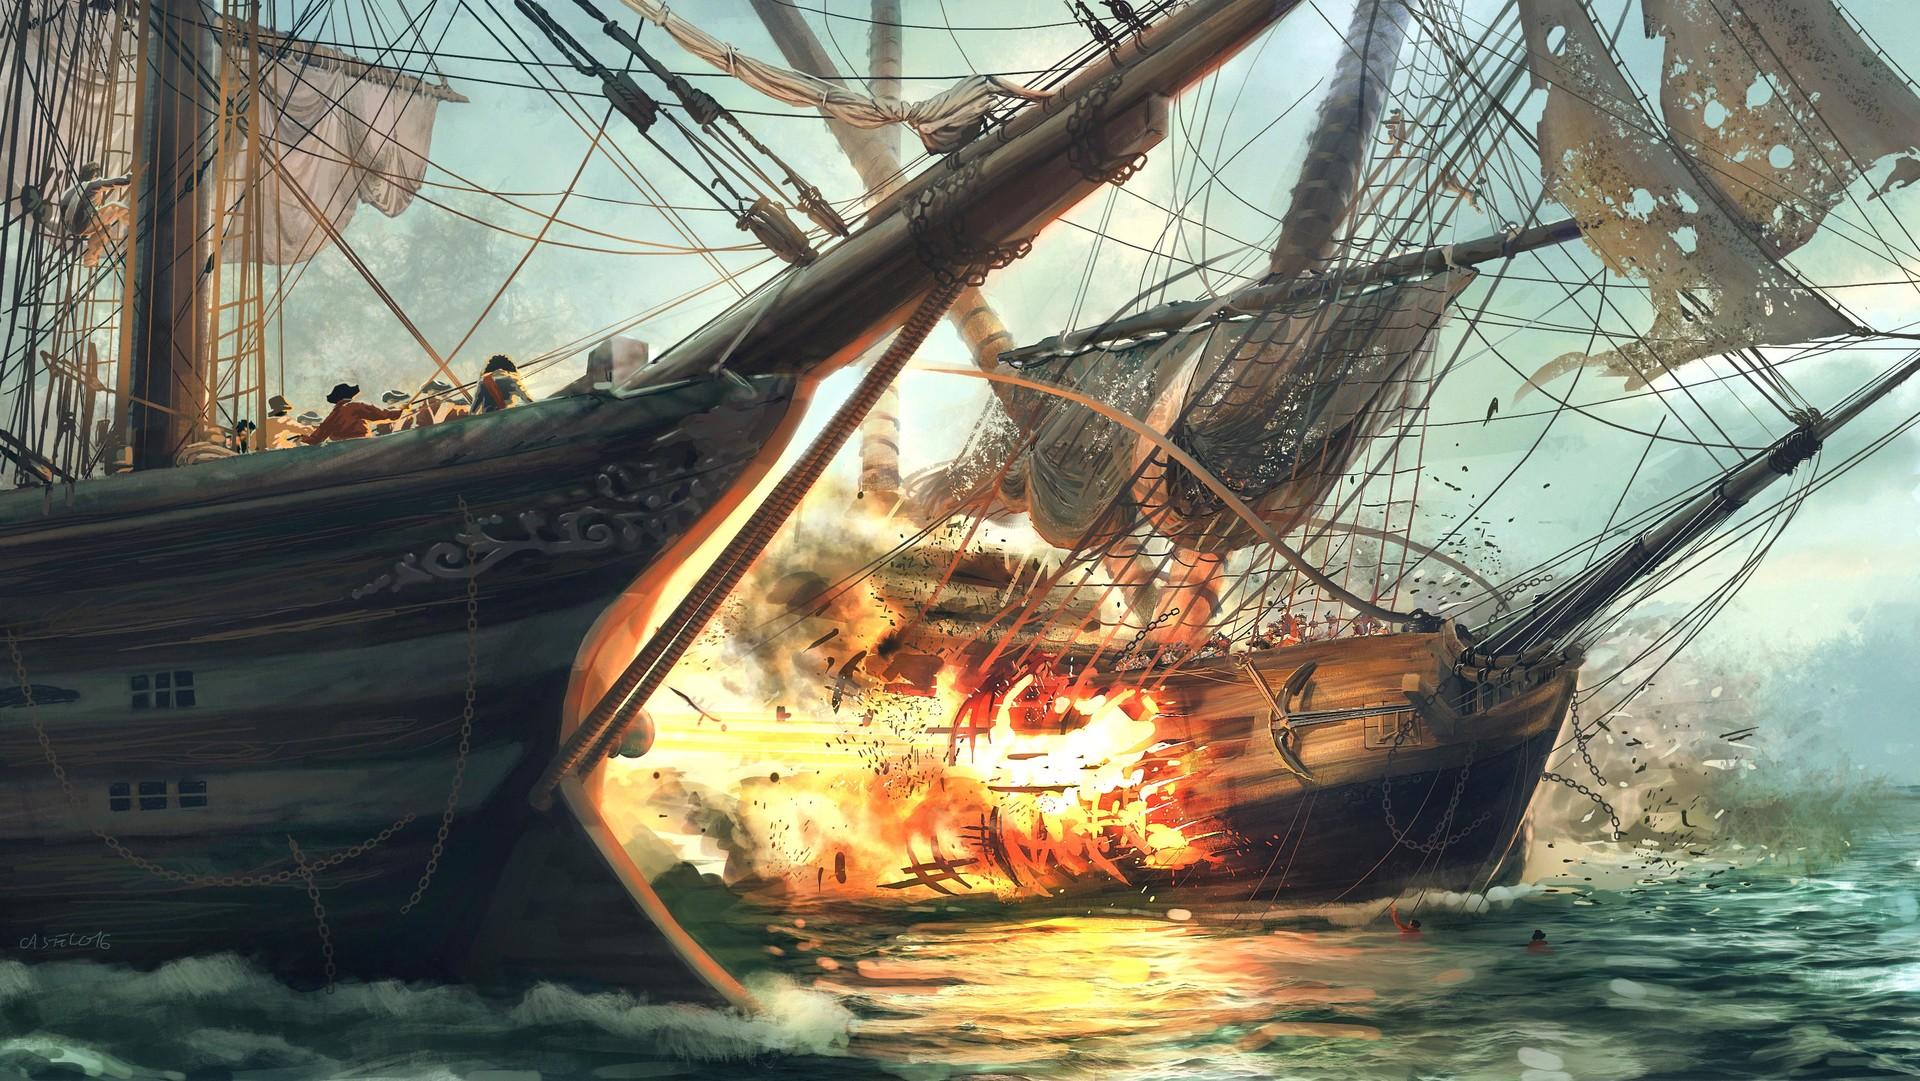 Quentin castel artstation colorimetrie illustration finale bataille navale